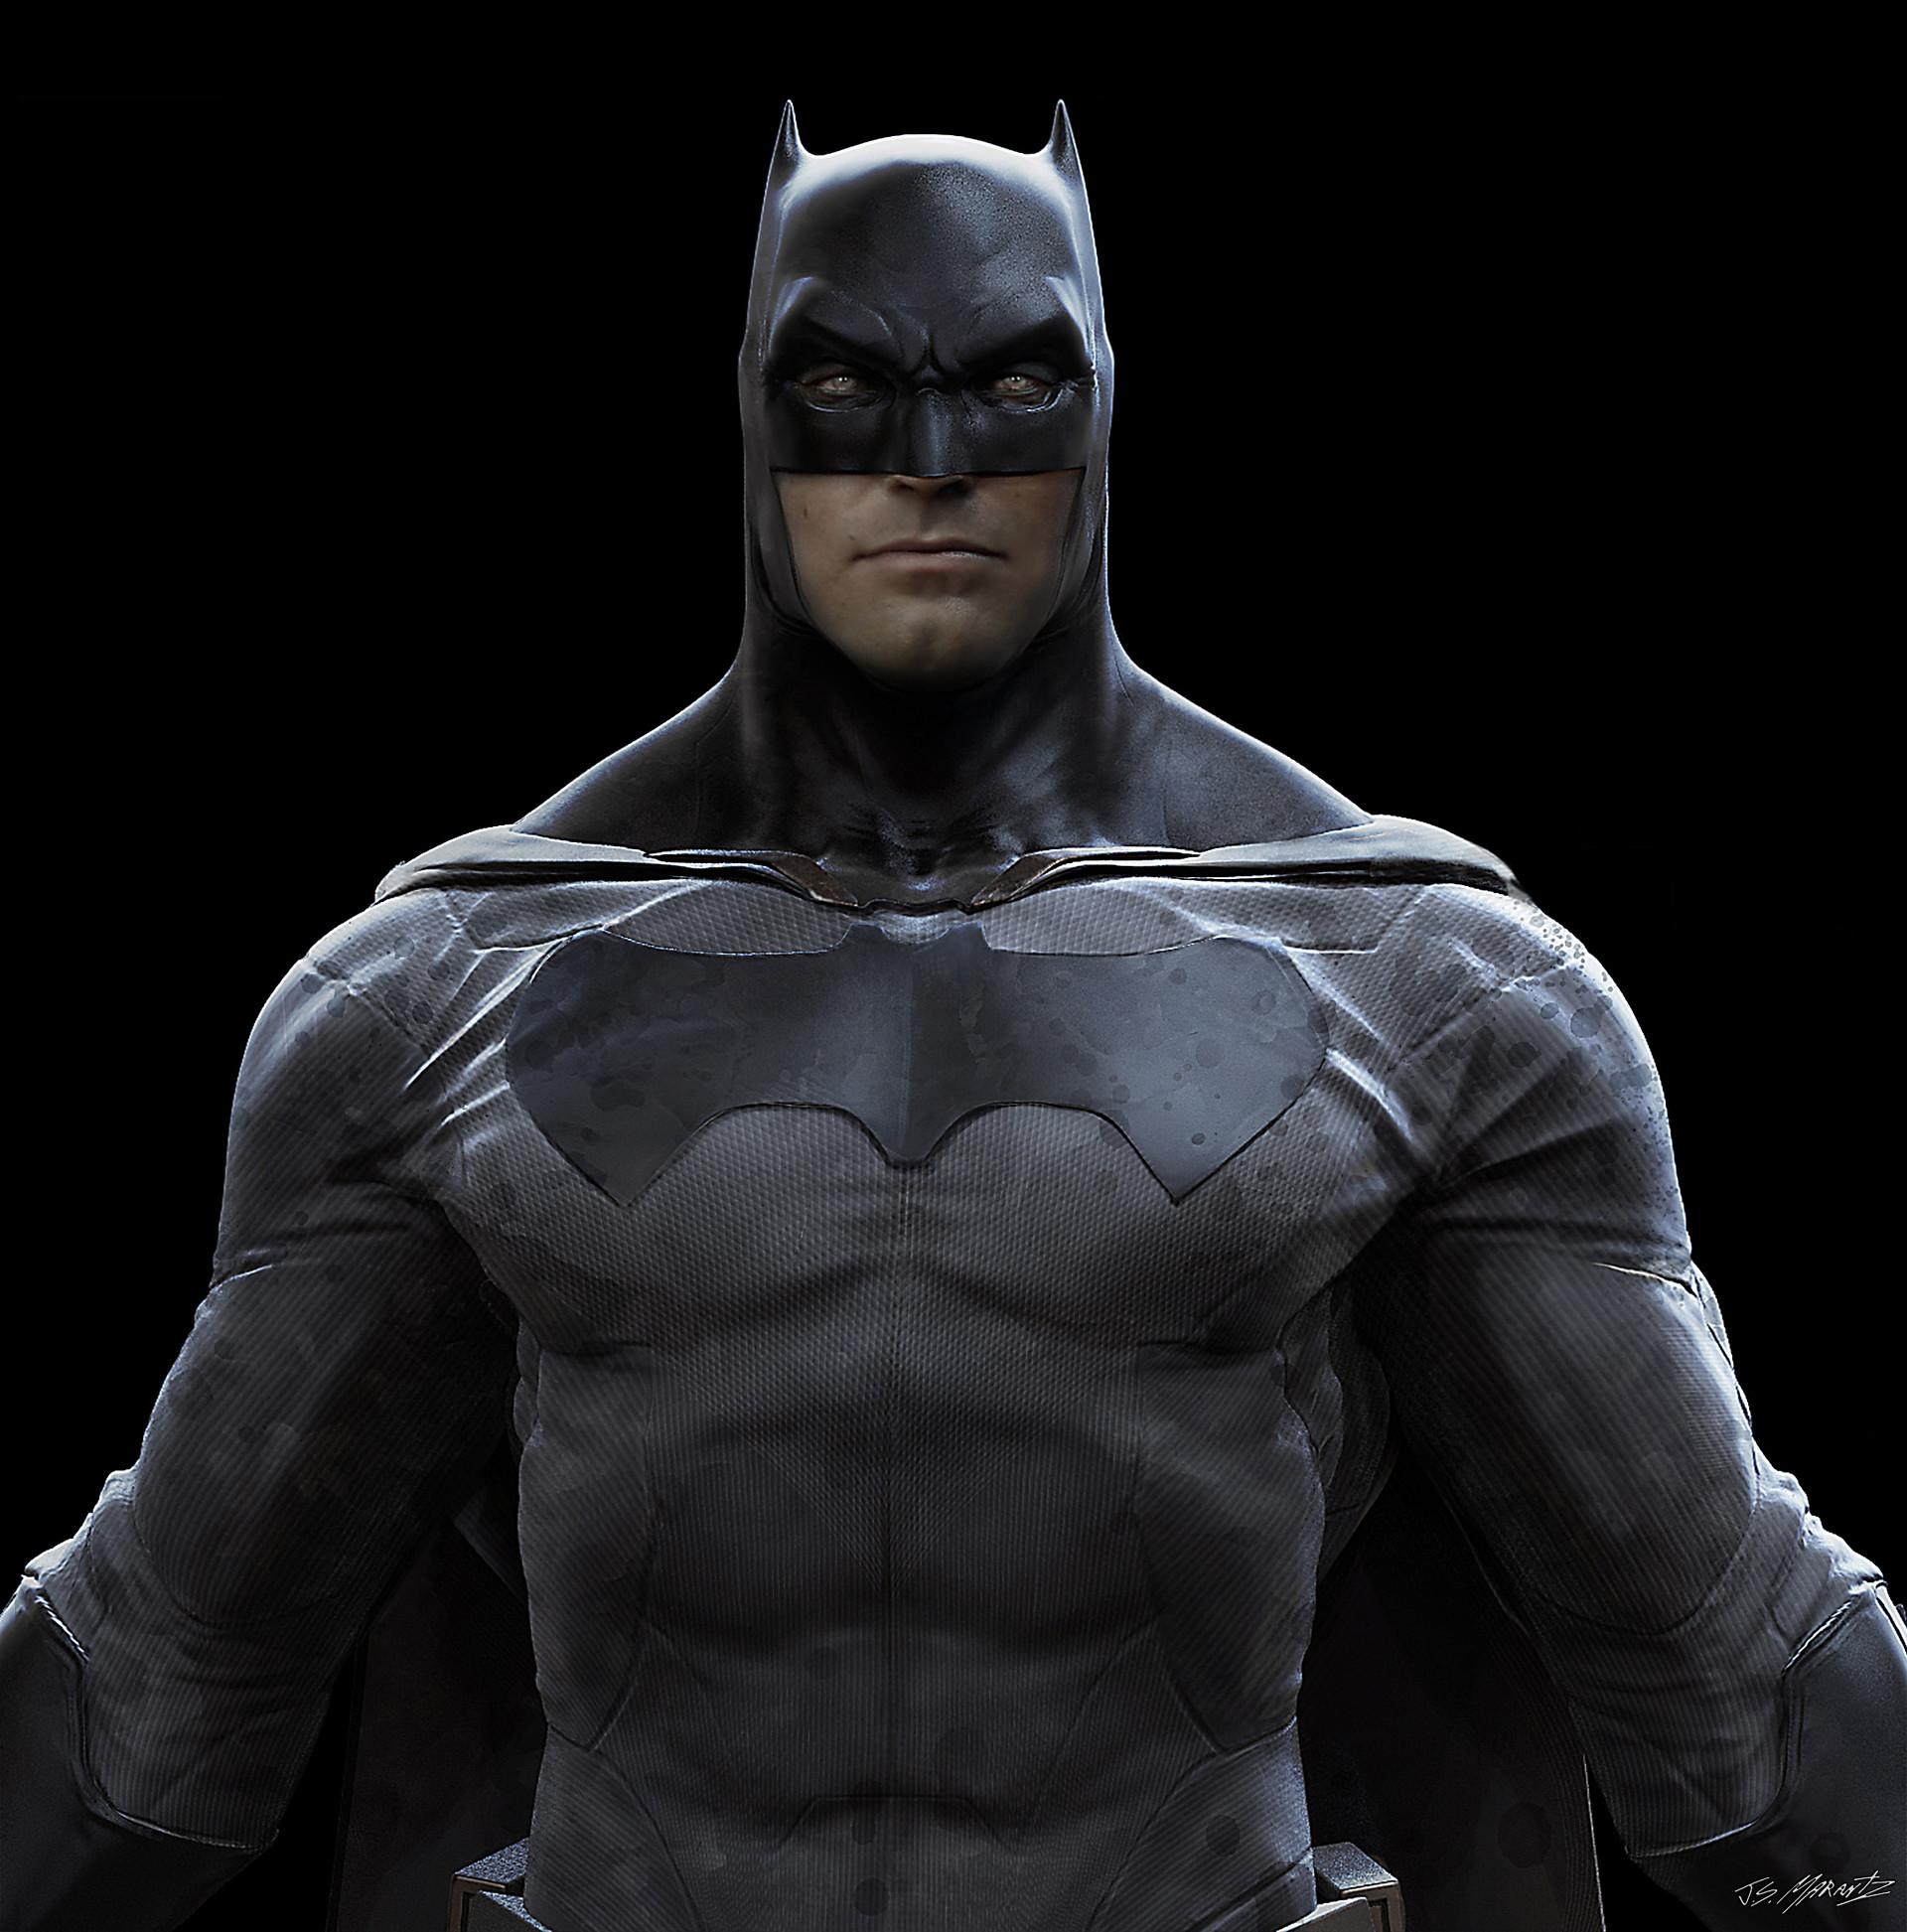 Jerad marantz 0613 batman torsostudy jsm